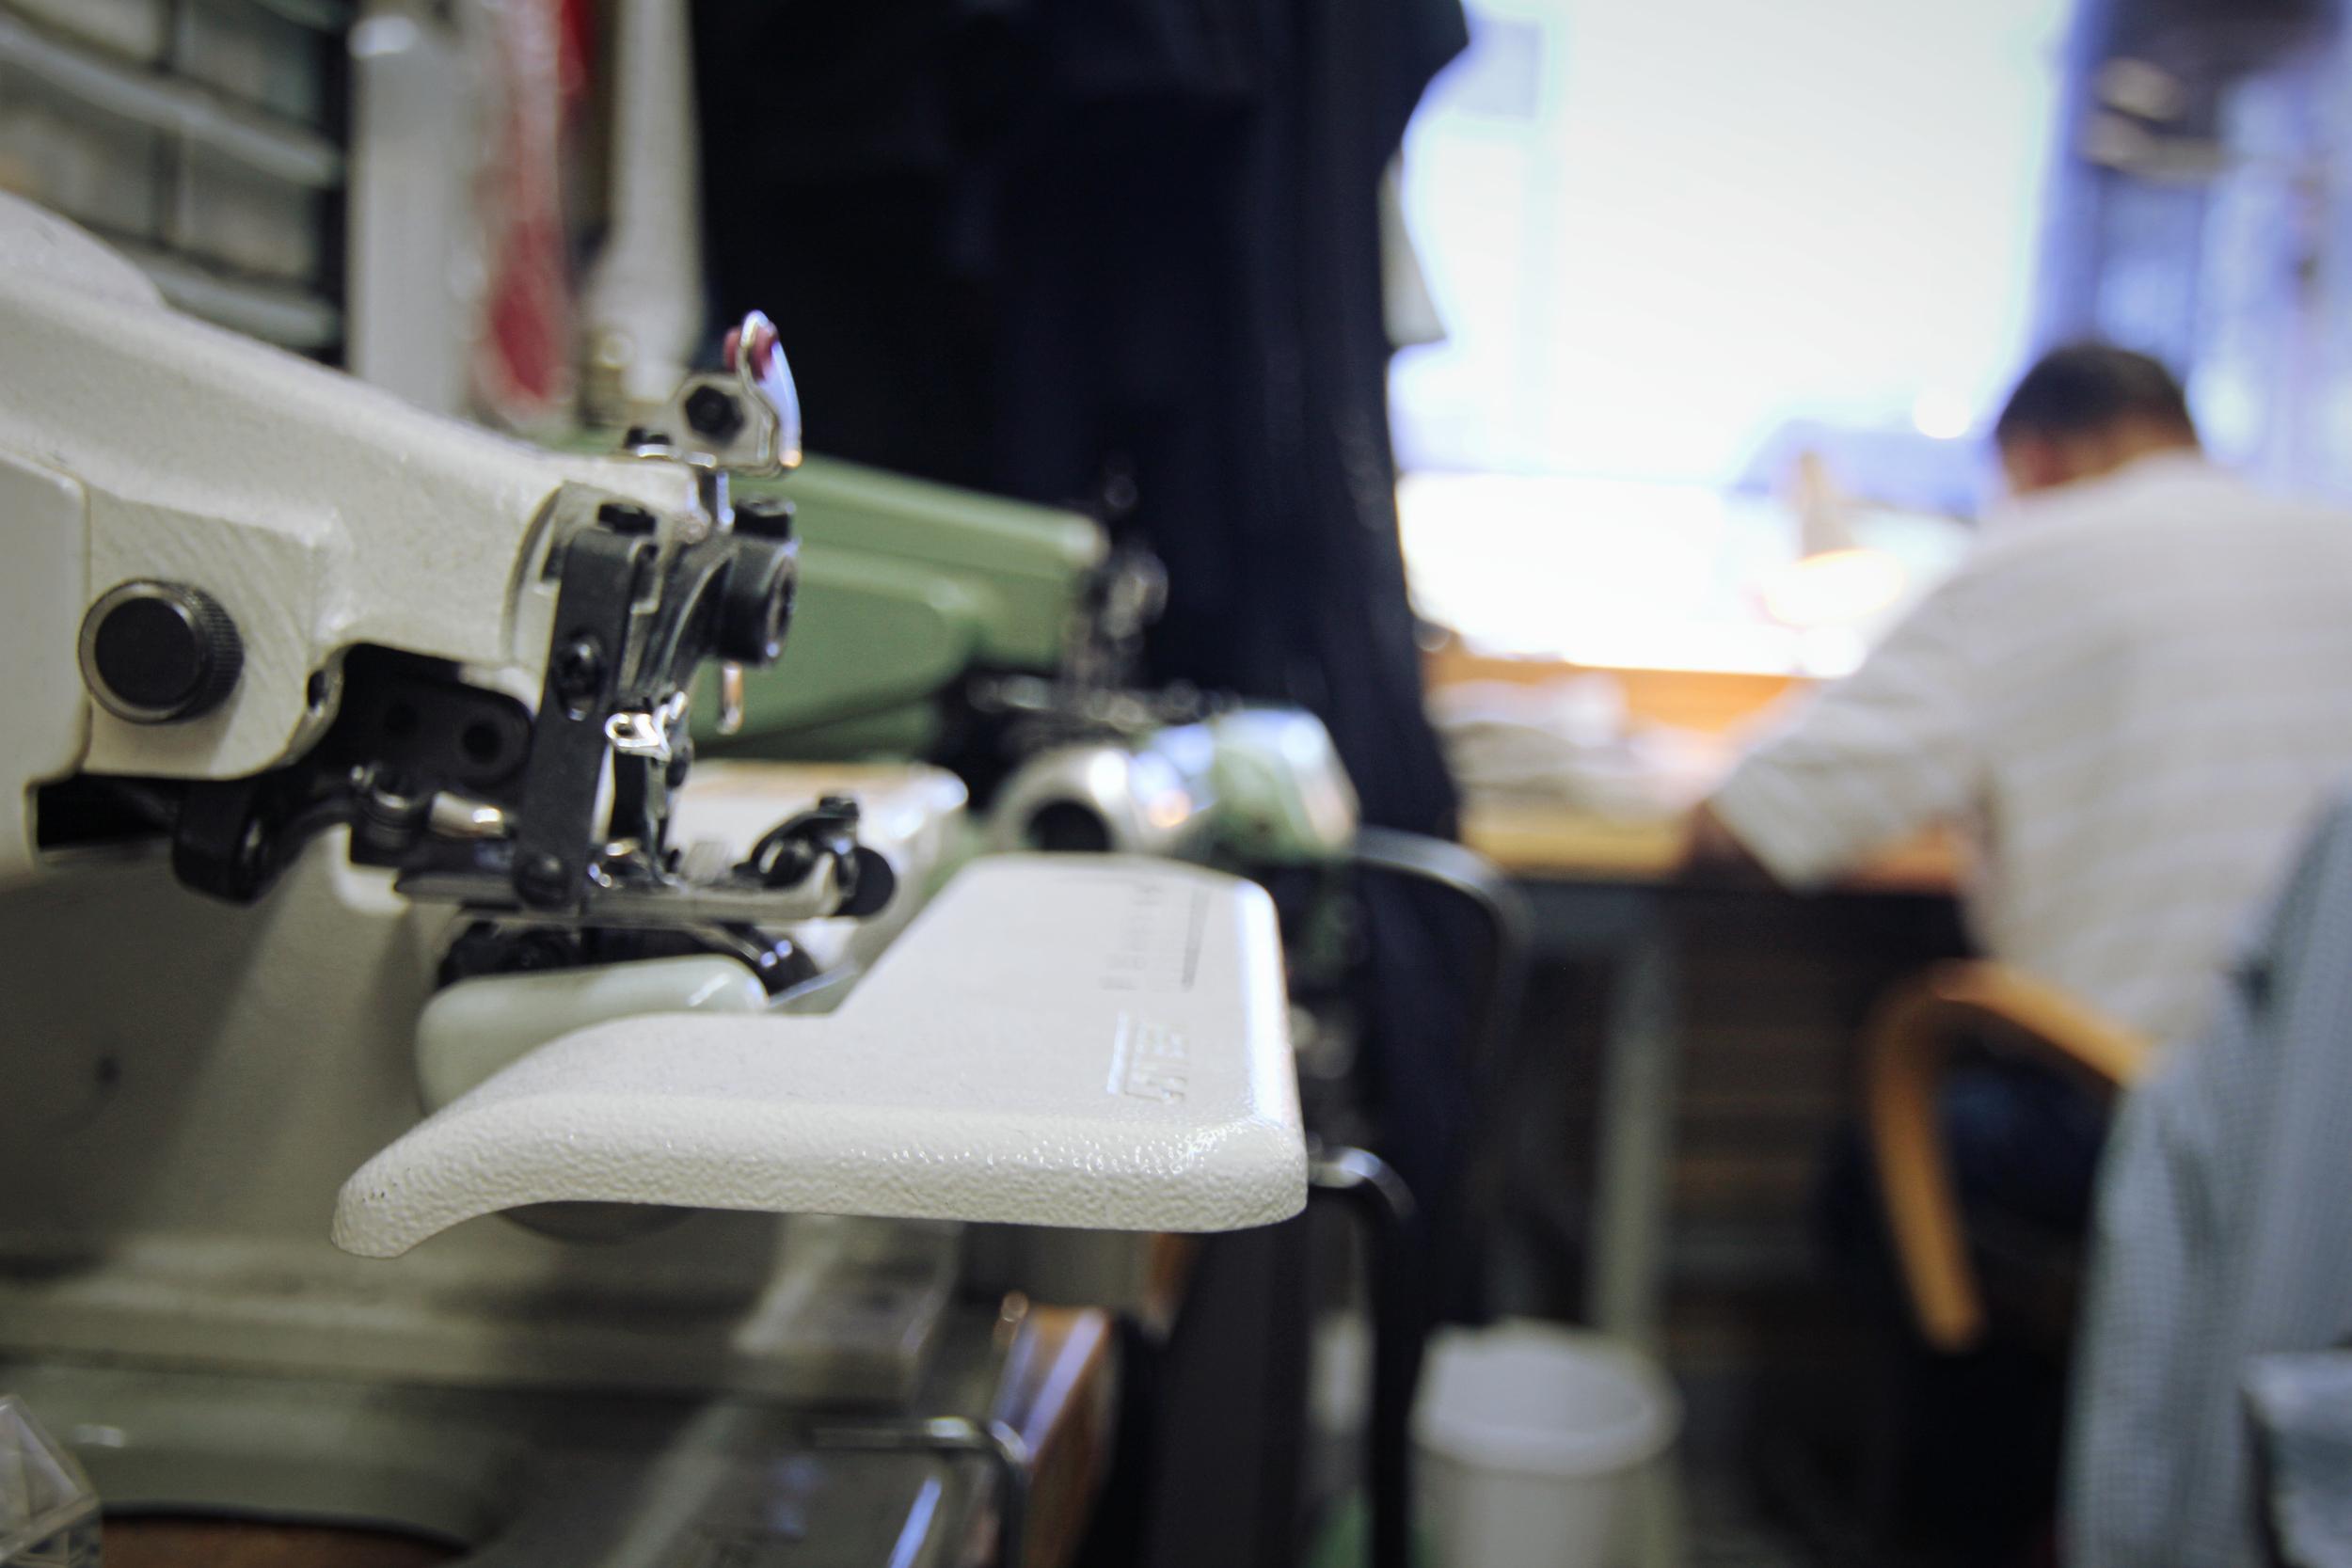 sewing_man_f1.jpeg